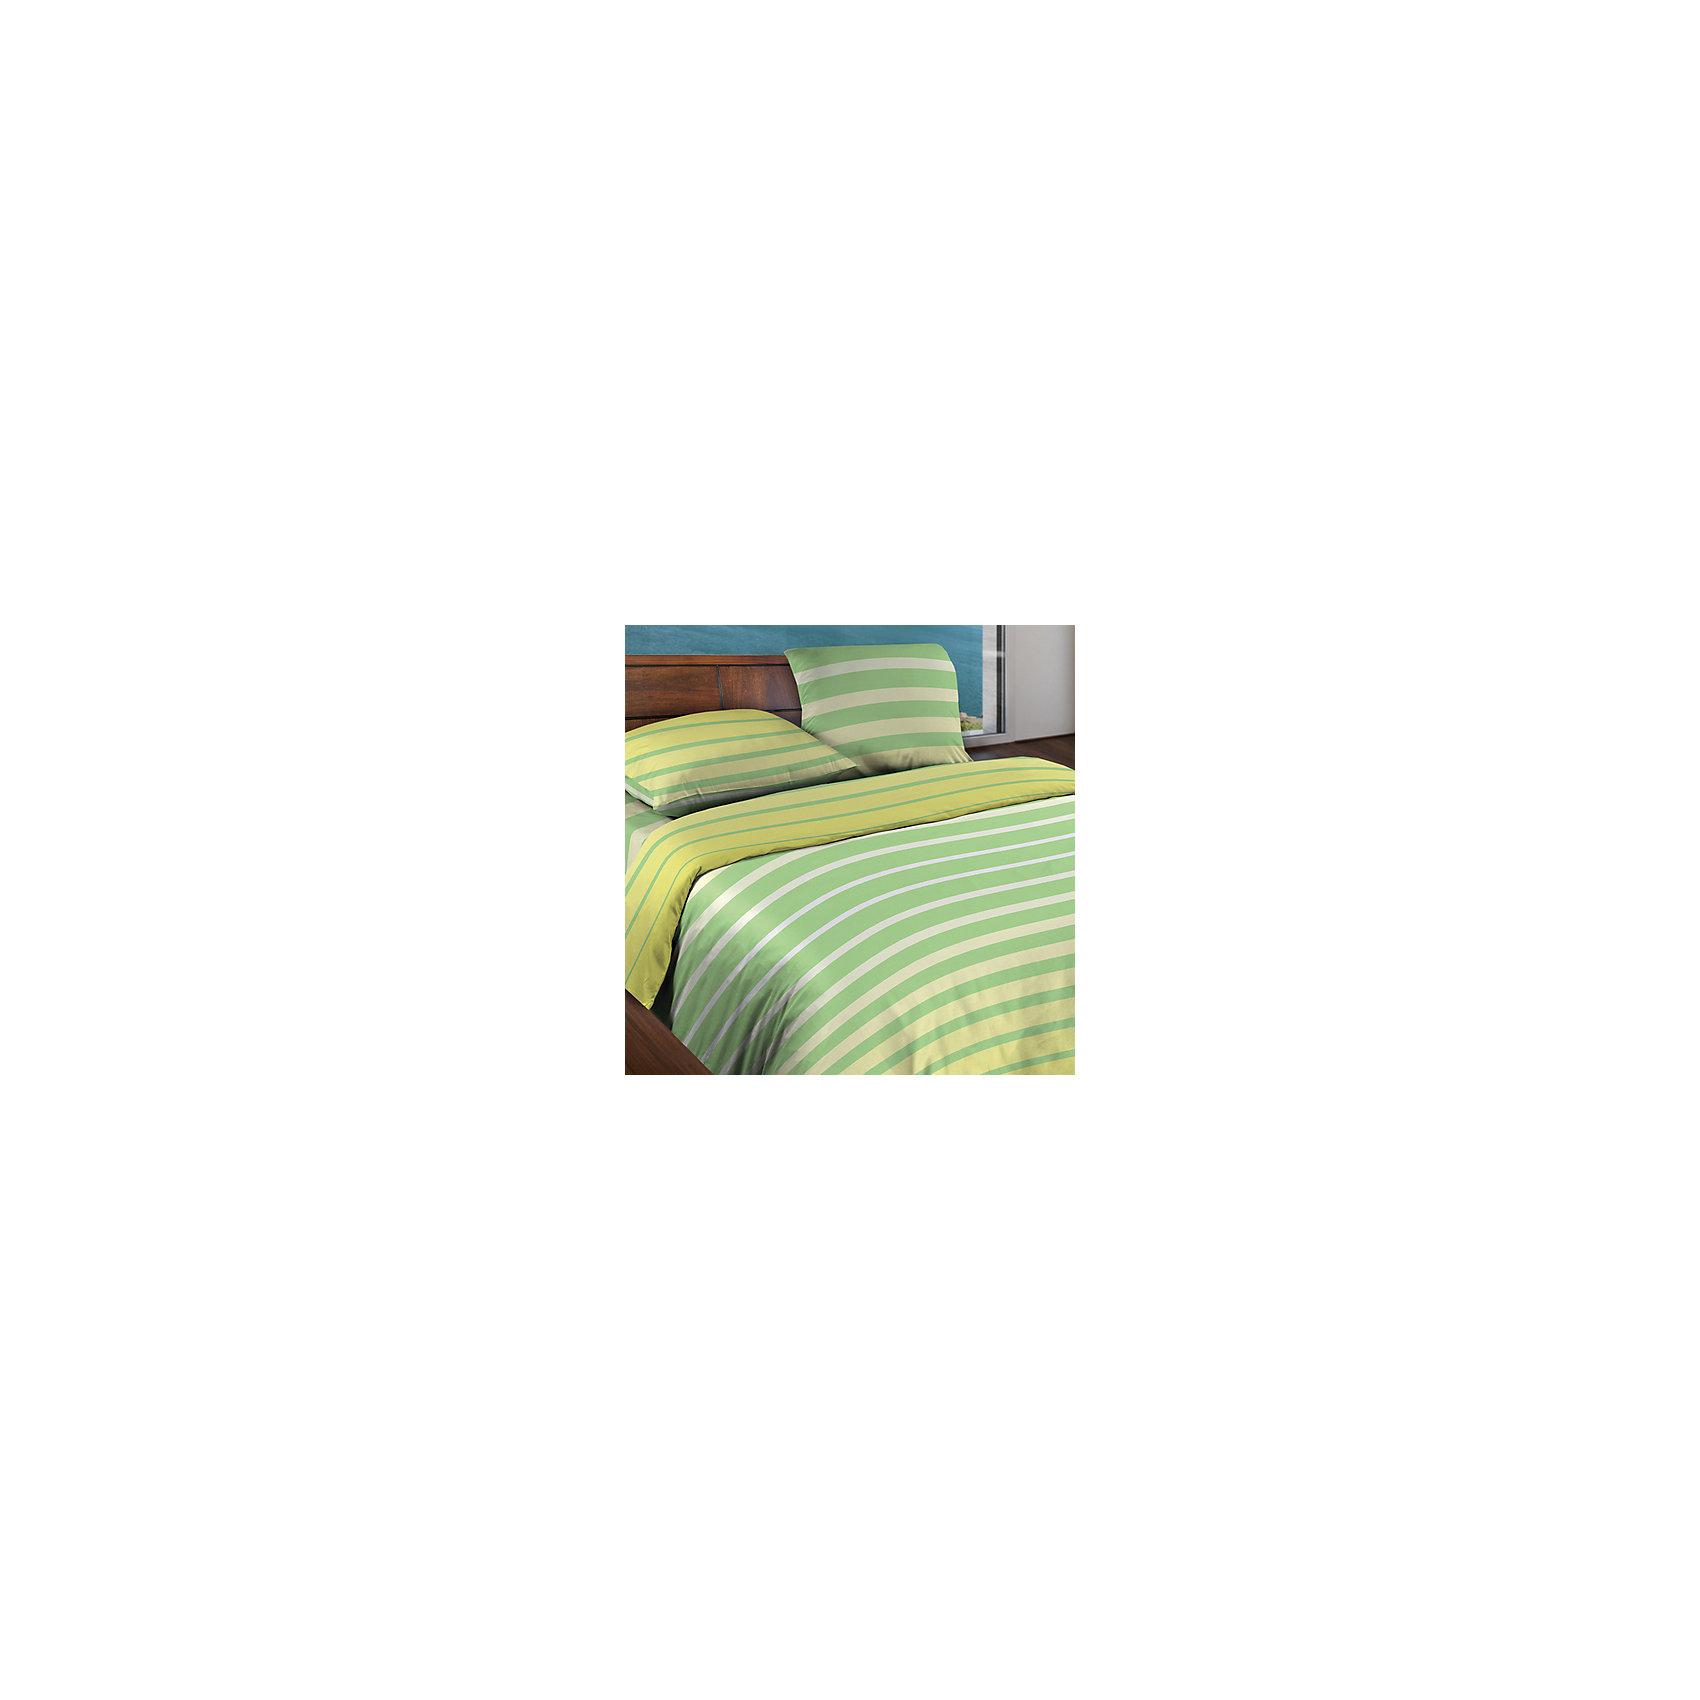 Постельное белье 2,0 сп. Stripe Lime БИО Комфорт, Wenge MotionДомашний текстиль<br>Характеристики 2-хспального комплекта постельного белья   Stripe Lime  БИО Комфорт, Wenge Motion:<br><br>- производитель: Неотек<br>- материал: бязь<br>- состав: 100% хлопок<br>- размер комплекта: двуспальный<br>- размер пододеяльника: 215*175 см.<br>- размер простыни: 220*240 см.<br>- размер наволочек: 70*70 (2 шт)<br>- упаковка комплекта: книжка пвх<br>- страна бренда: Россия<br>- страна производитель: Россия<br><br>Постельное белье серии Wenge Motion - это большой выбор однотонных цветов, иногда сопровождающийся строгими геометрическами рисунками. Все пододеяльники двухсторонние, что позволит Вам менять цветовую гамму по своему настроению. А покупая несколько вариантов расцветки постельного белья, Вы можете гармонично их сочетать!  Постельное белье серии Wenge Motion выполнено из материала - БИОкомфорт - это 100% экологически чистая ткань из хлопка. Мягкое и нежное постельное белье из БИОкомфорта обладает повышенной износостойкостью, не скатывается и не электризуется.<br><br>Комплекта постельного белья   Stripe Lime  серии Wenge Motion можно купить в нашем интернет-магазине.<br><br>Ширина мм: 370<br>Глубина мм: 70<br>Высота мм: 370<br>Вес г: 2100<br>Возраст от месяцев: 216<br>Возраст до месяцев: 1188<br>Пол: Унисекс<br>Возраст: Детский<br>SKU: 5100133